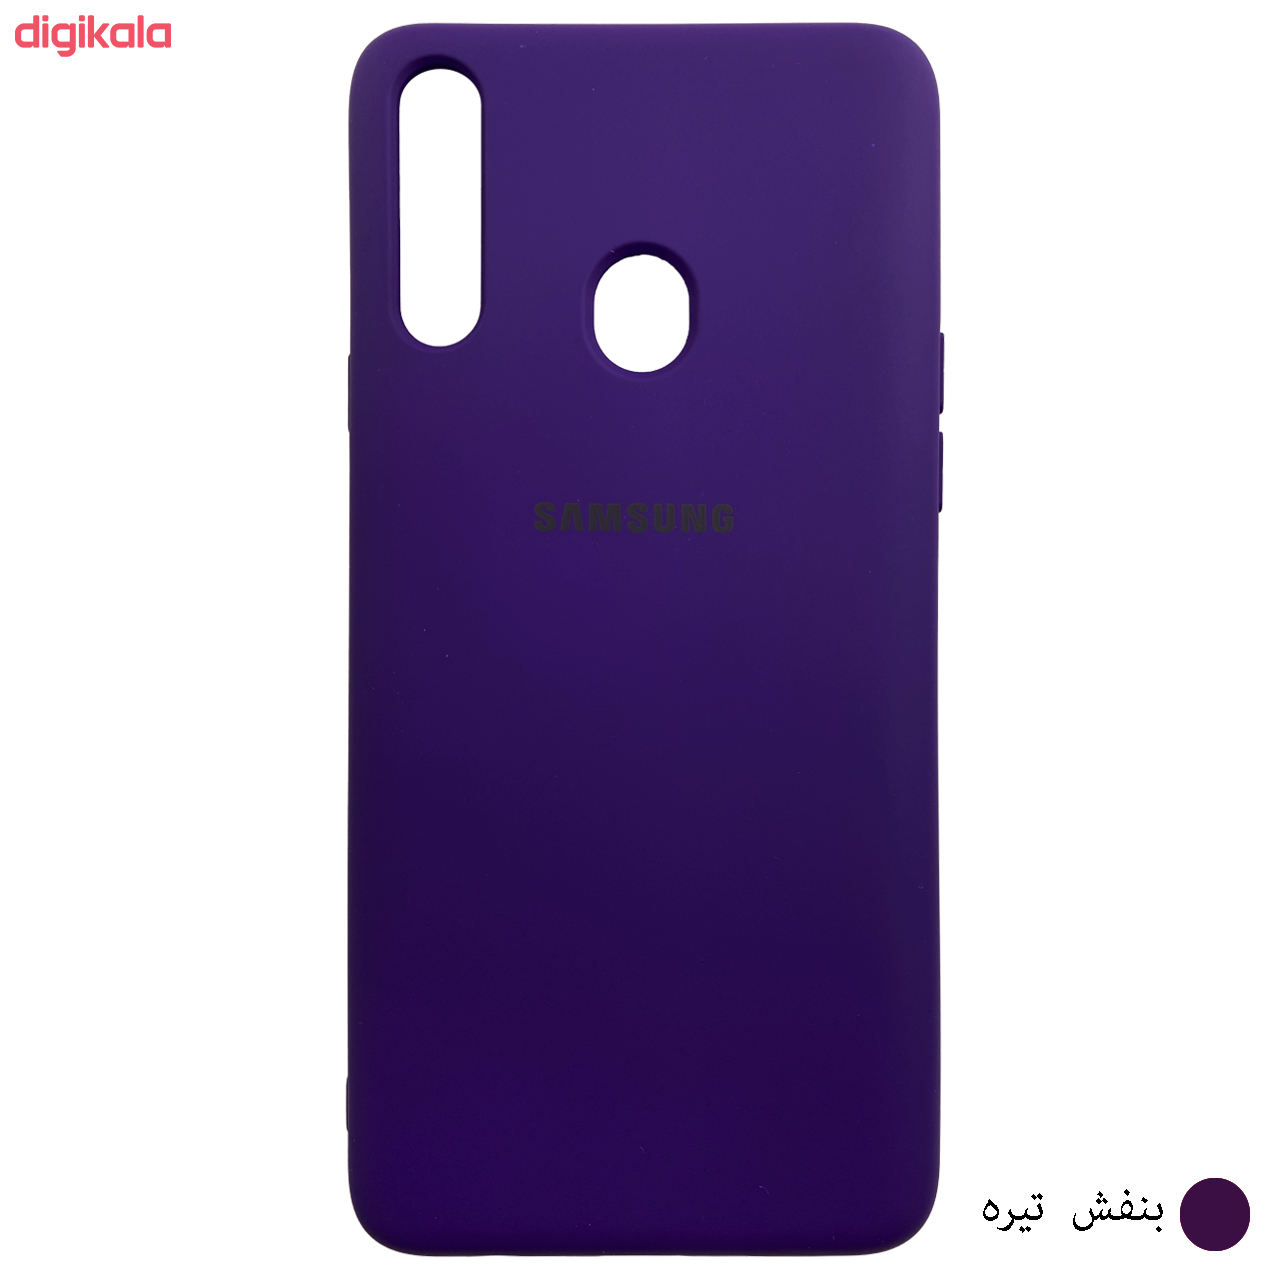 کاور مدل SCN مناسب برای گوشی موبایل سامسونگ Galaxy A20s main 1 11